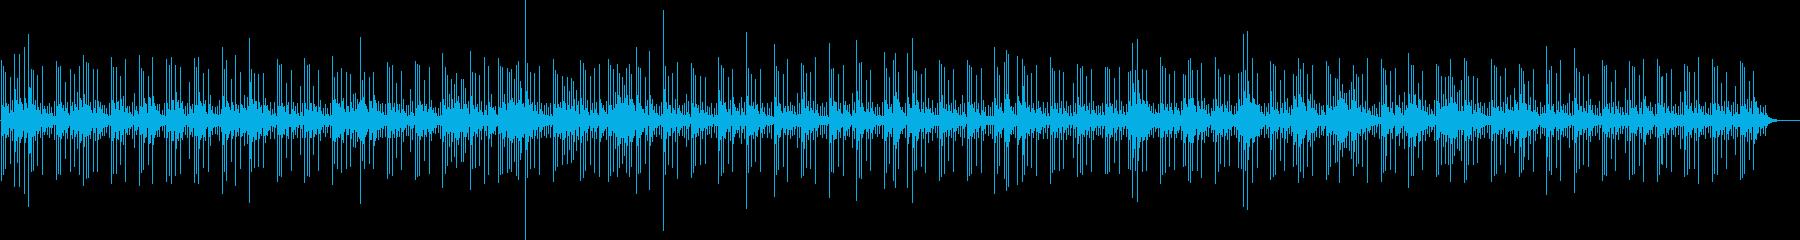 バリ風のエスニックな雰囲気の静かな曲の再生済みの波形